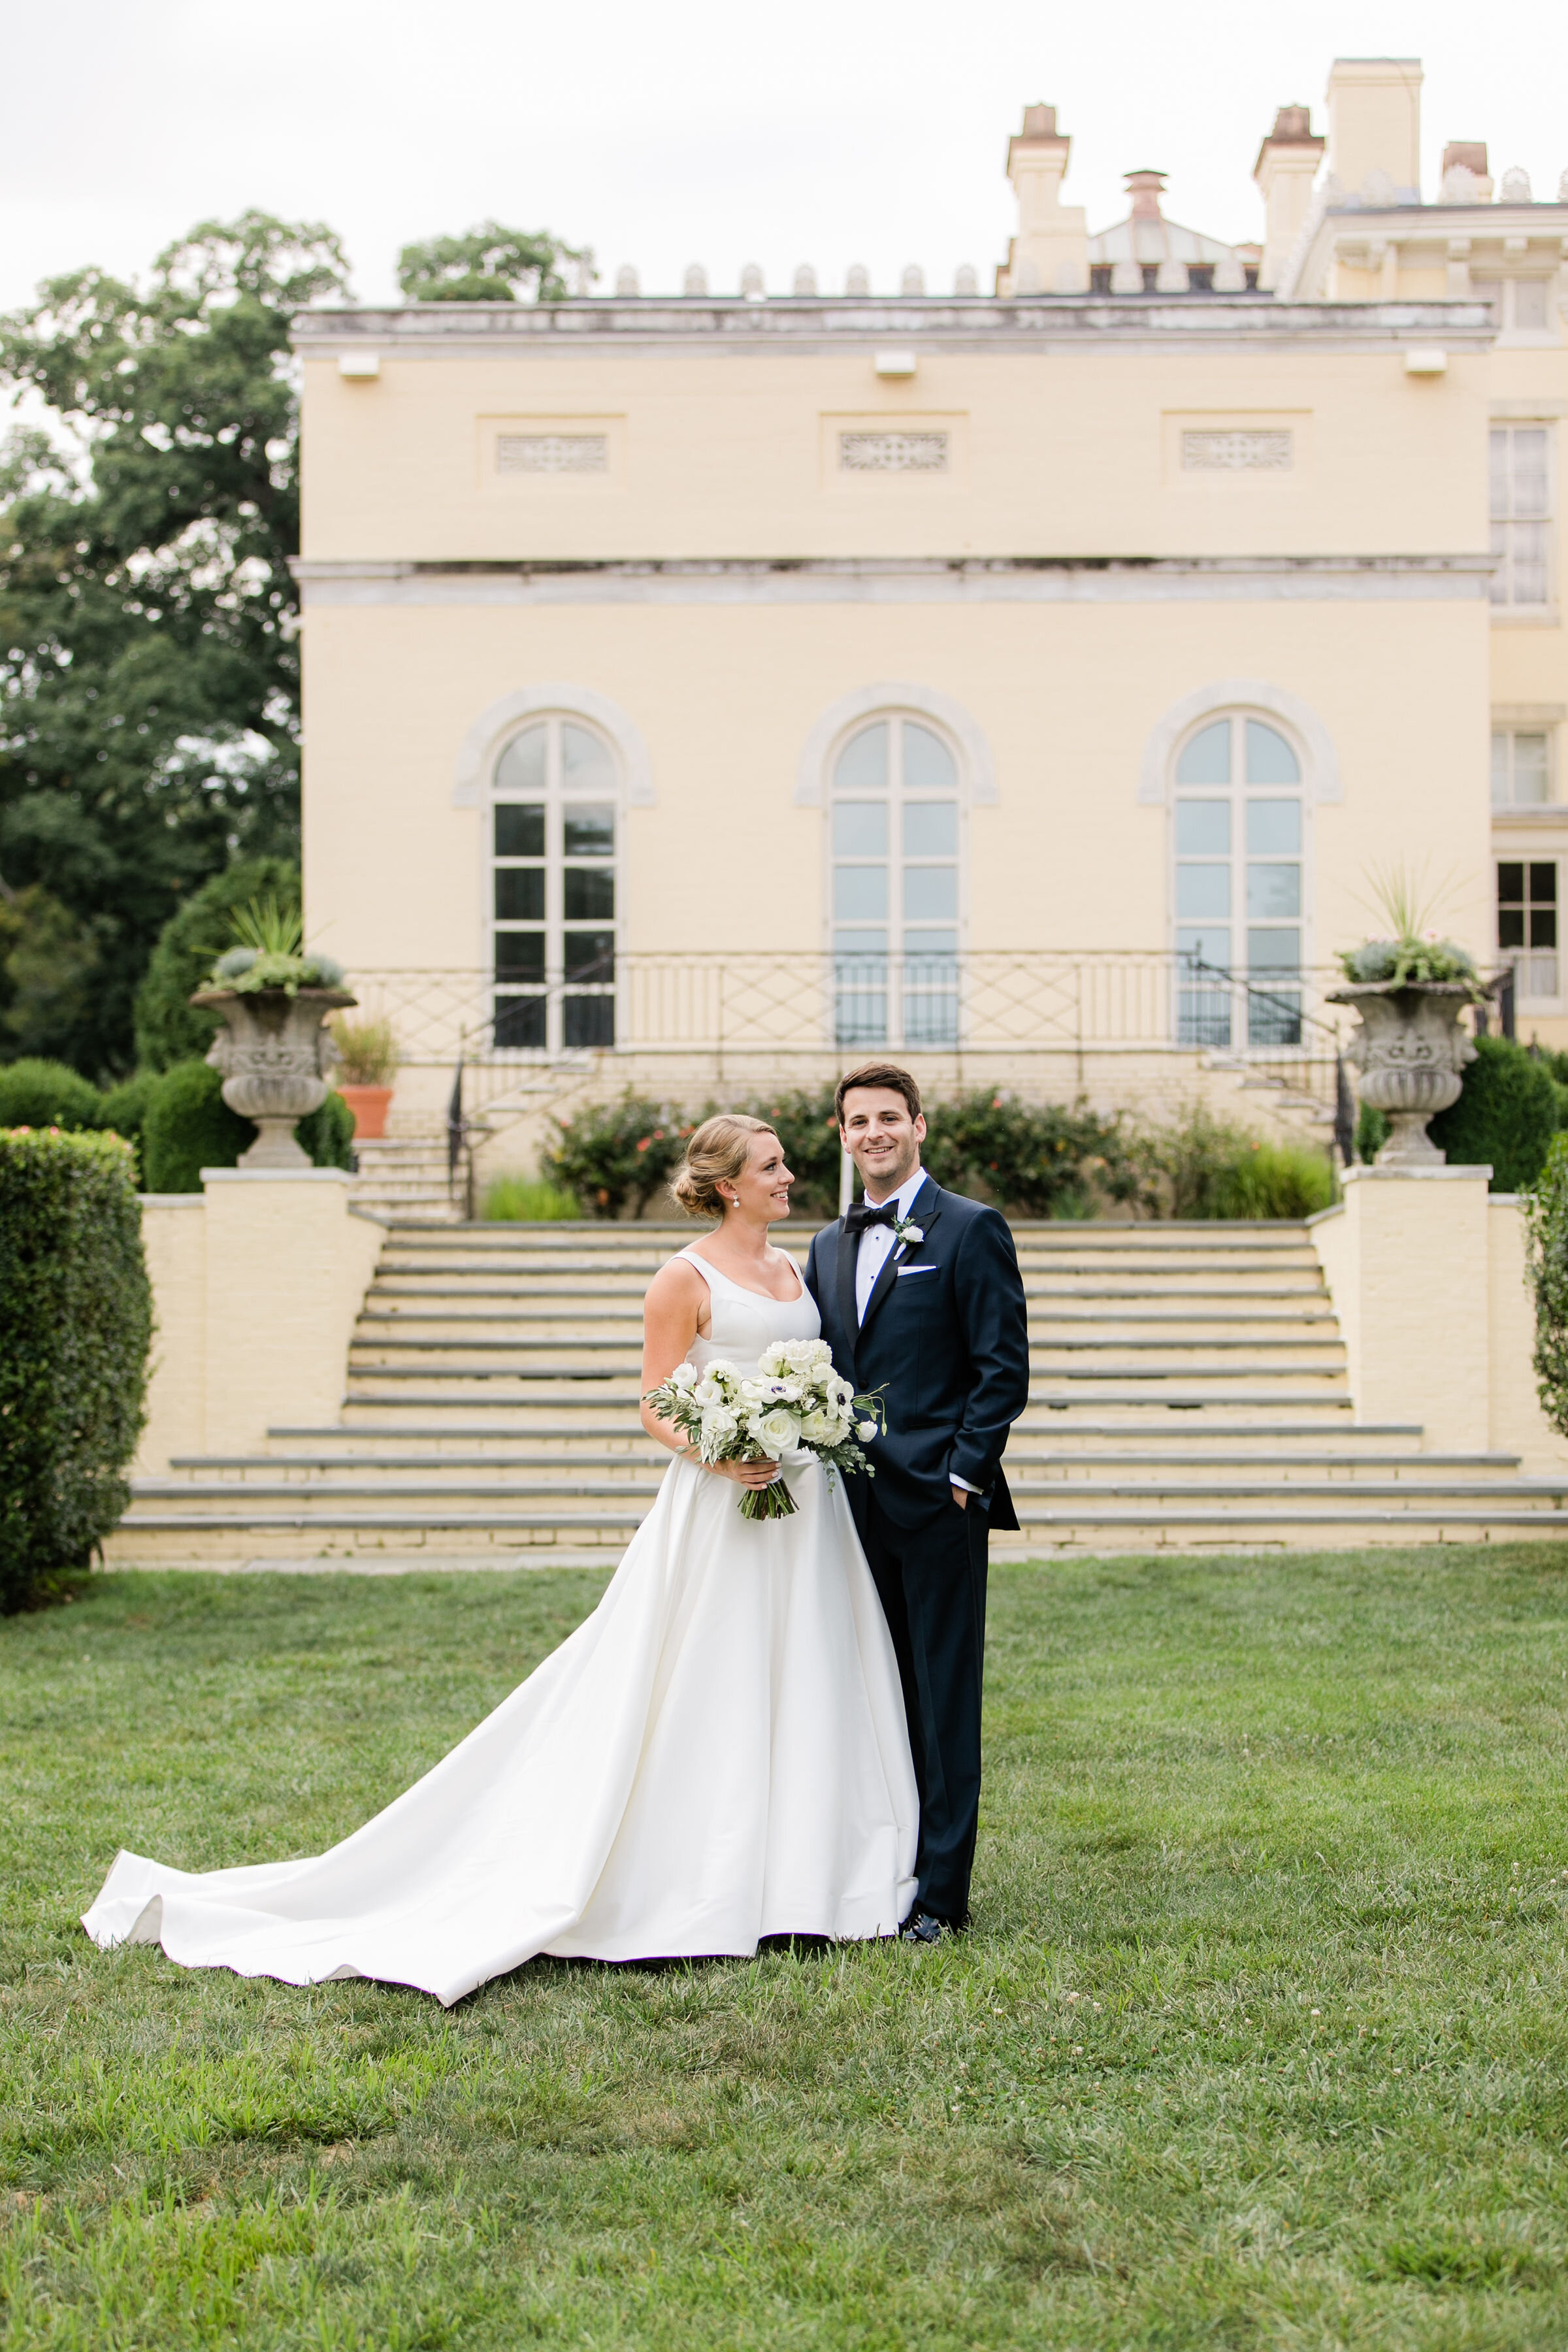 03.03_Caroline&Brendan__JenHarveyPhotography-178.jpg